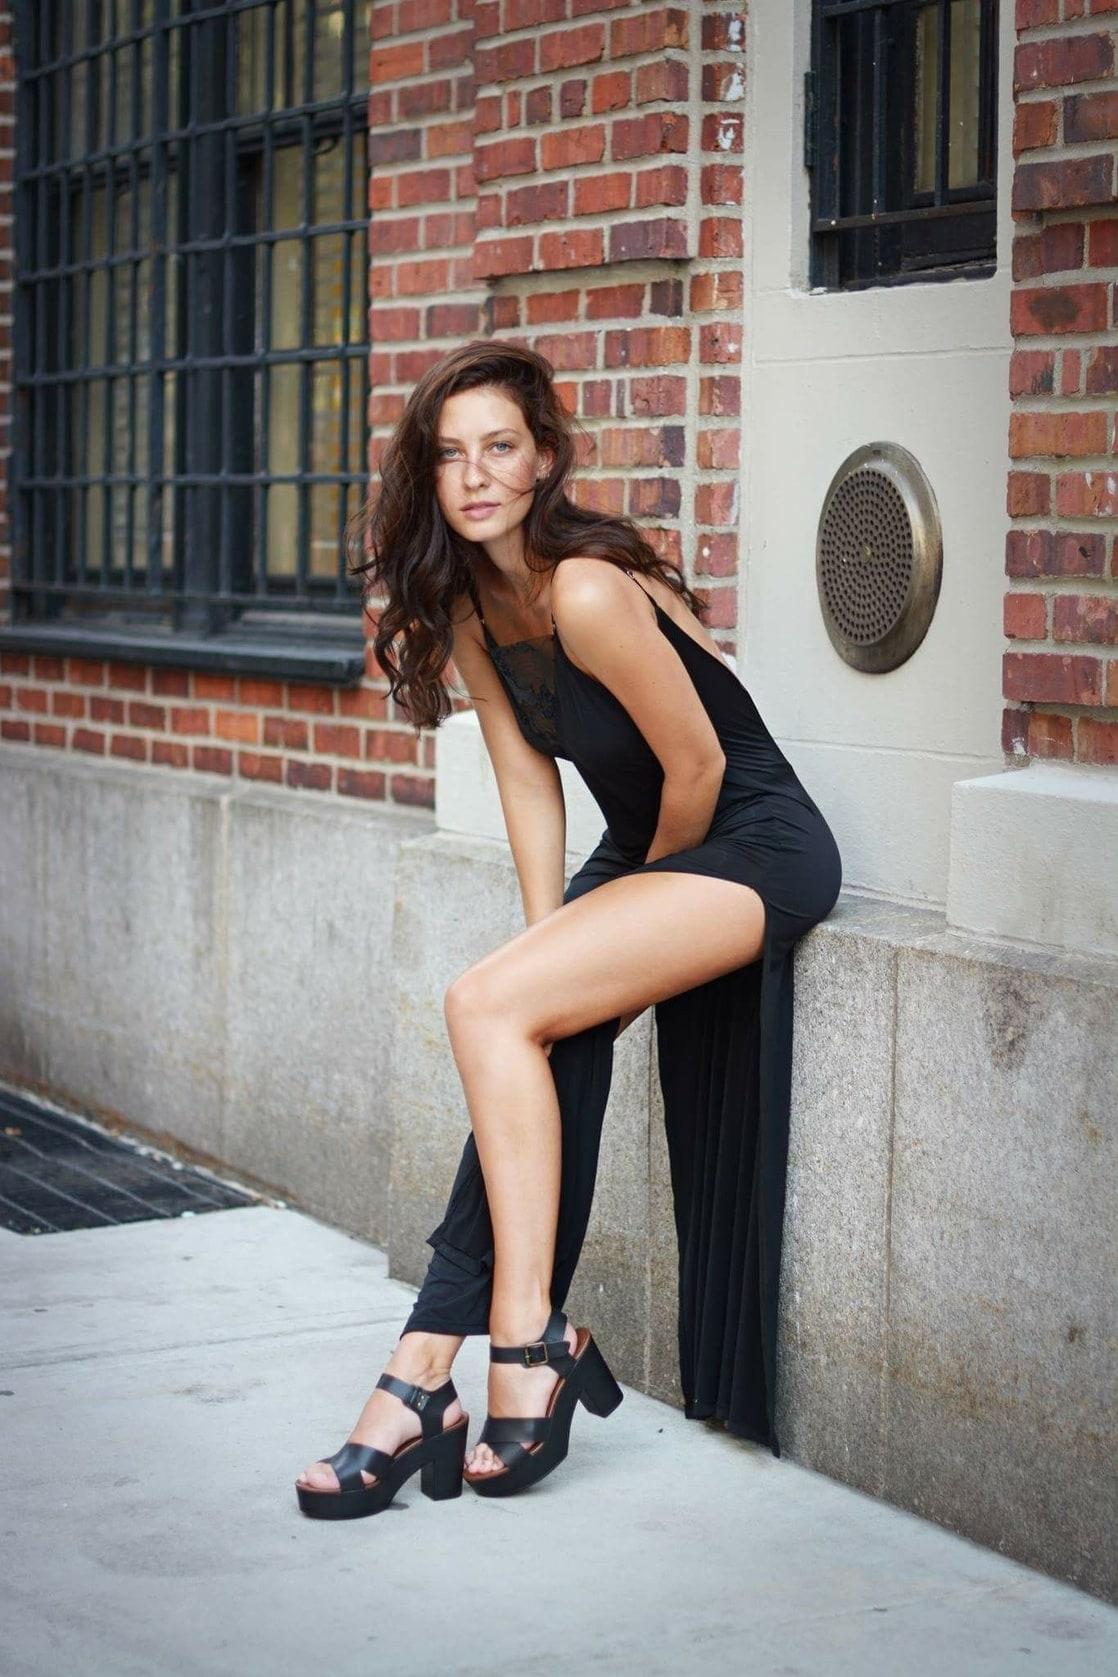 Pics Olivia Norella naked (79 photo), Tits, Cleavage, Boobs, braless 2019